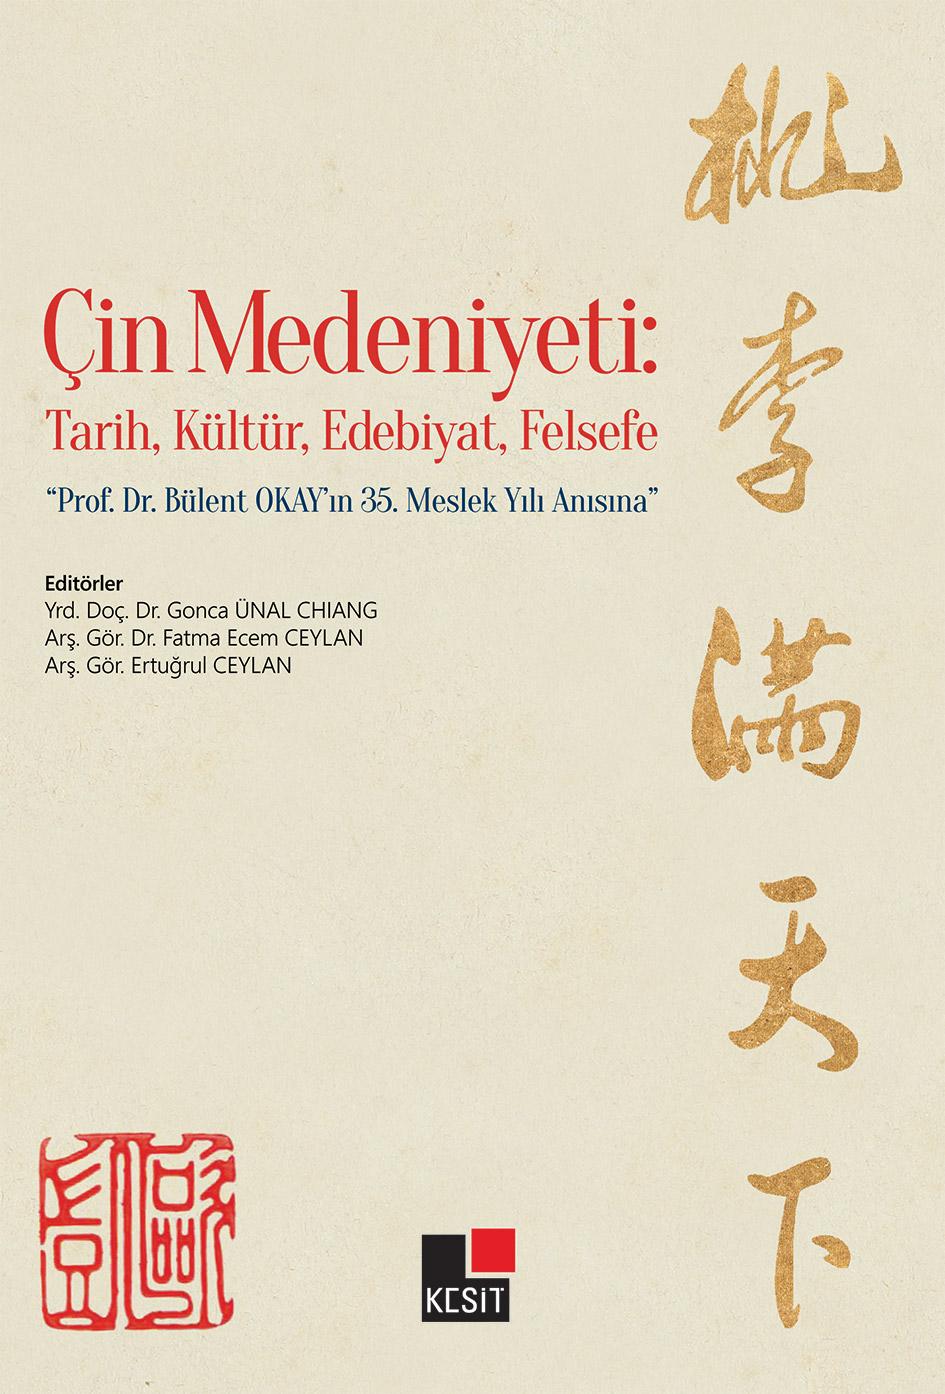 Çin Medeniyeti: Tarih, Kültür, Edebiyat, Felsefe